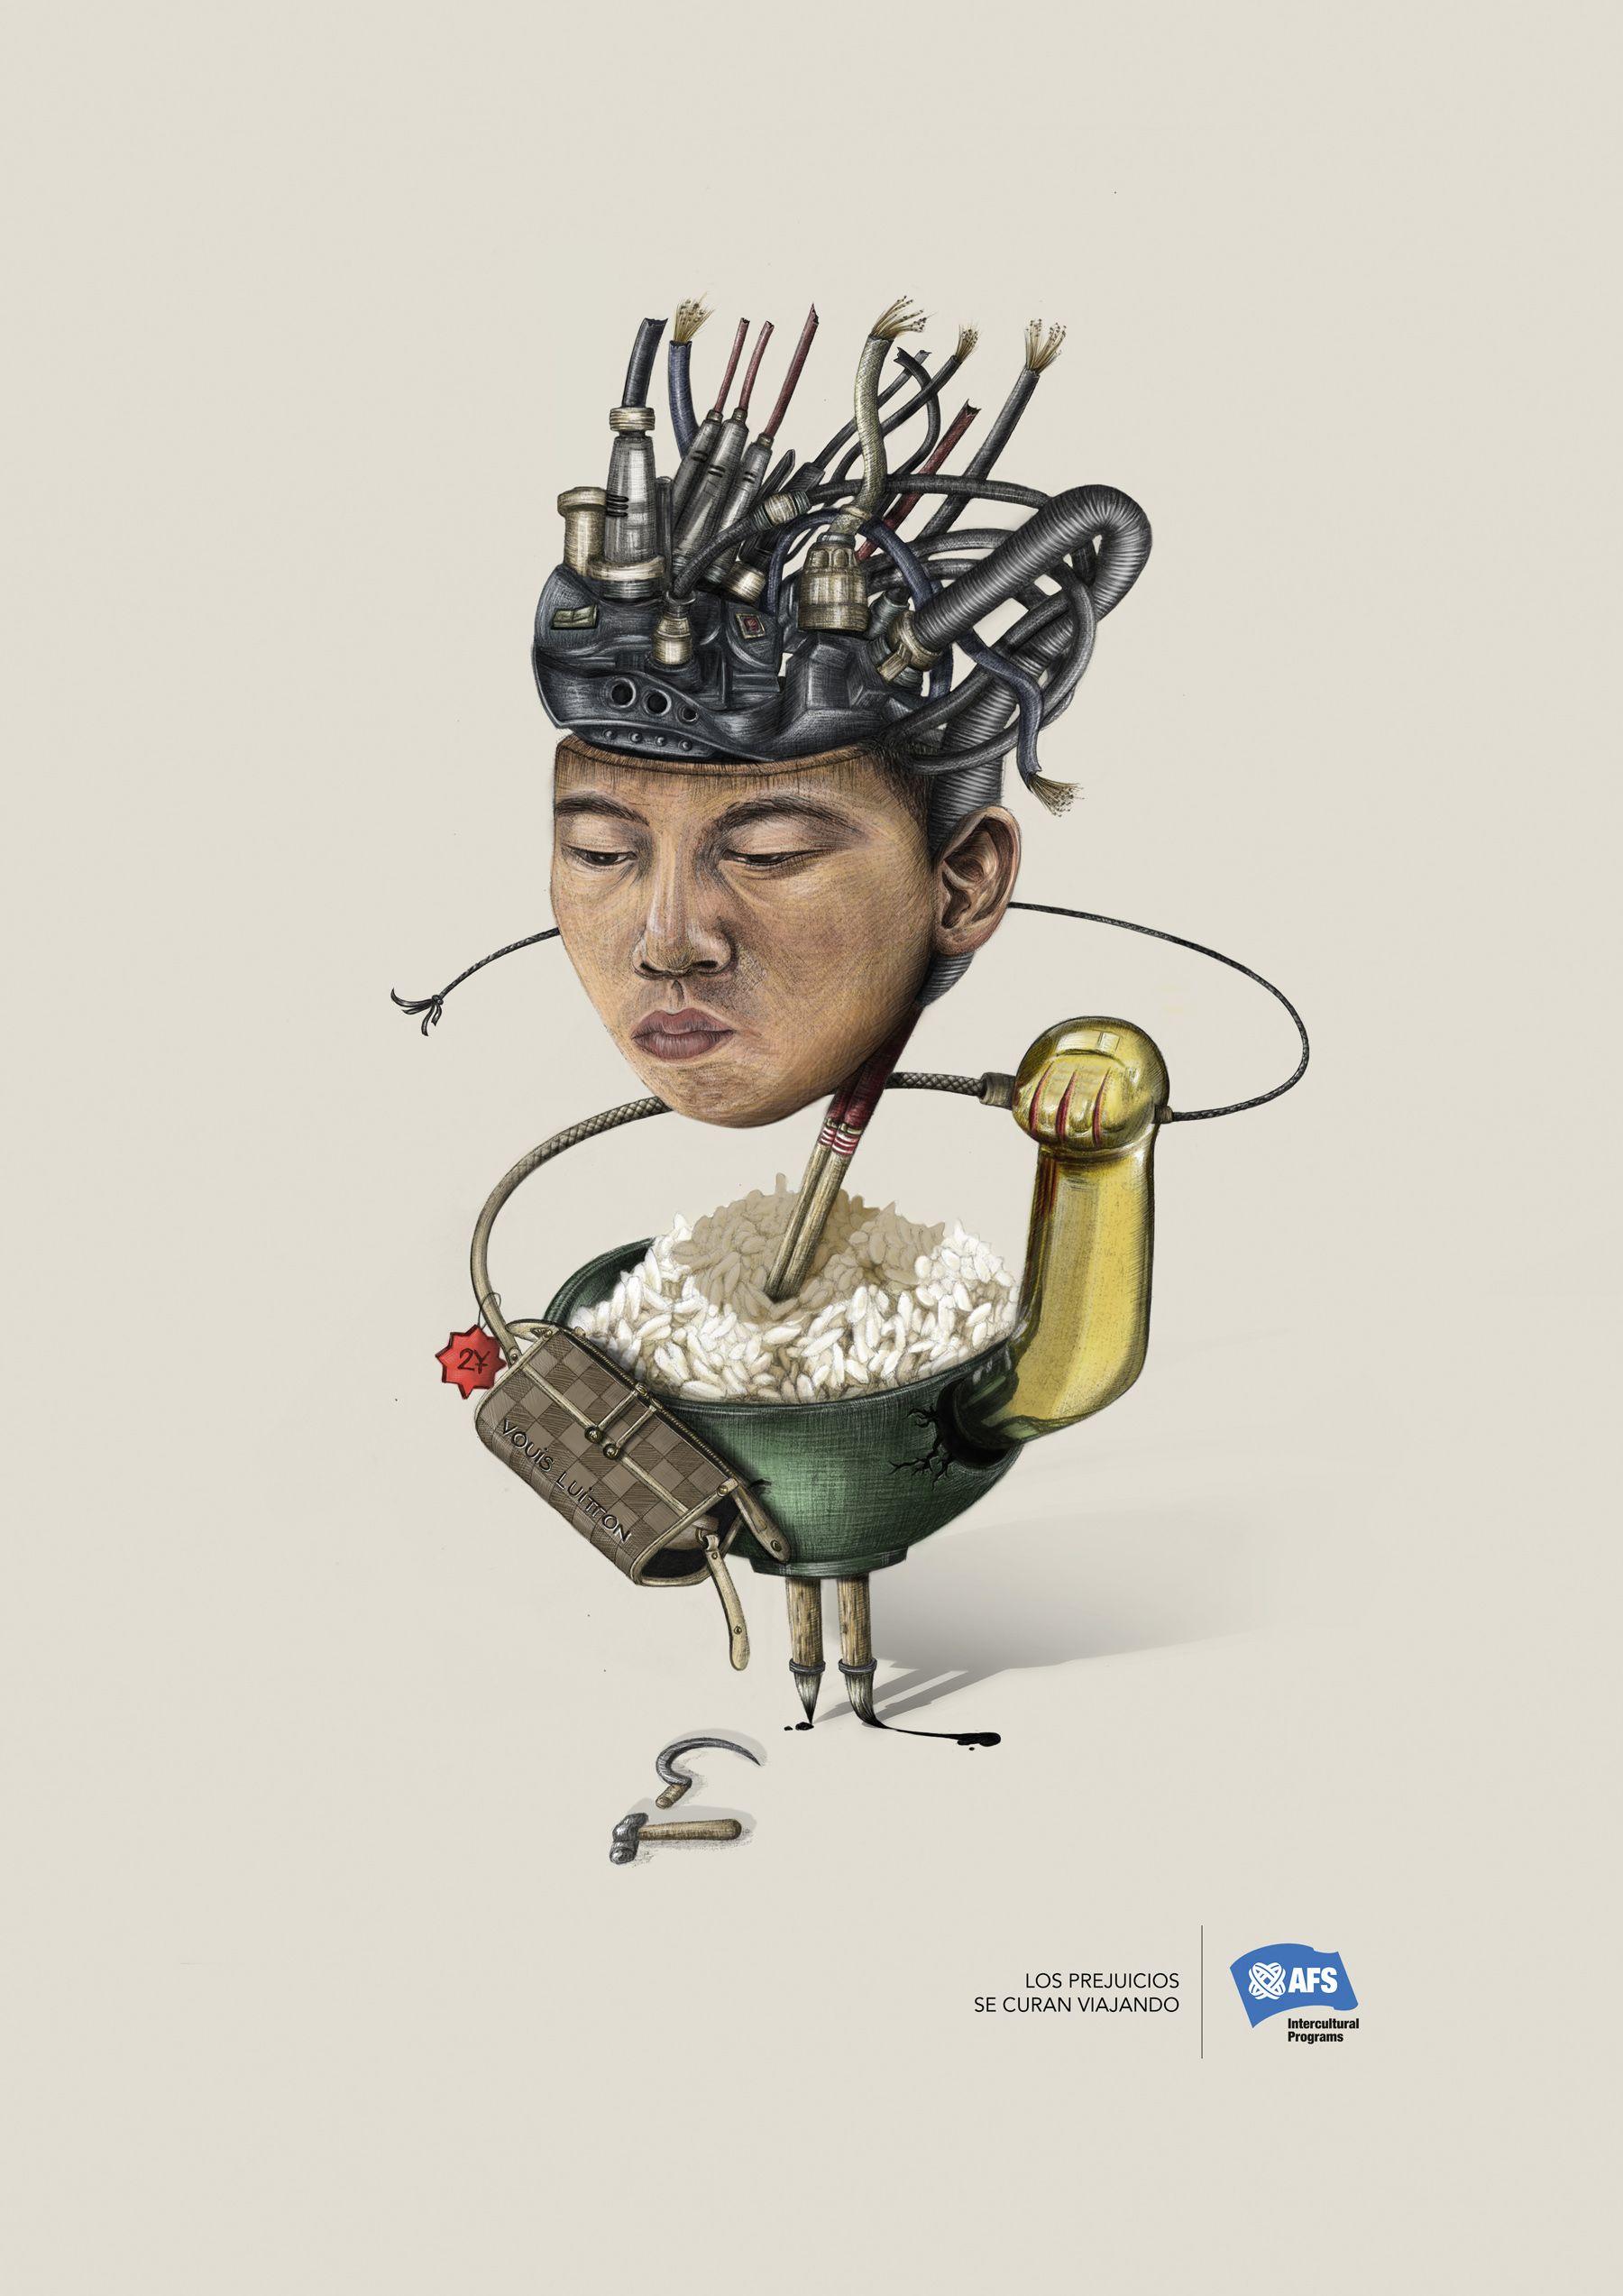 Chino, pieza de Ana Pareja, ganadora de 2 soles de bronce en FIAP :-)